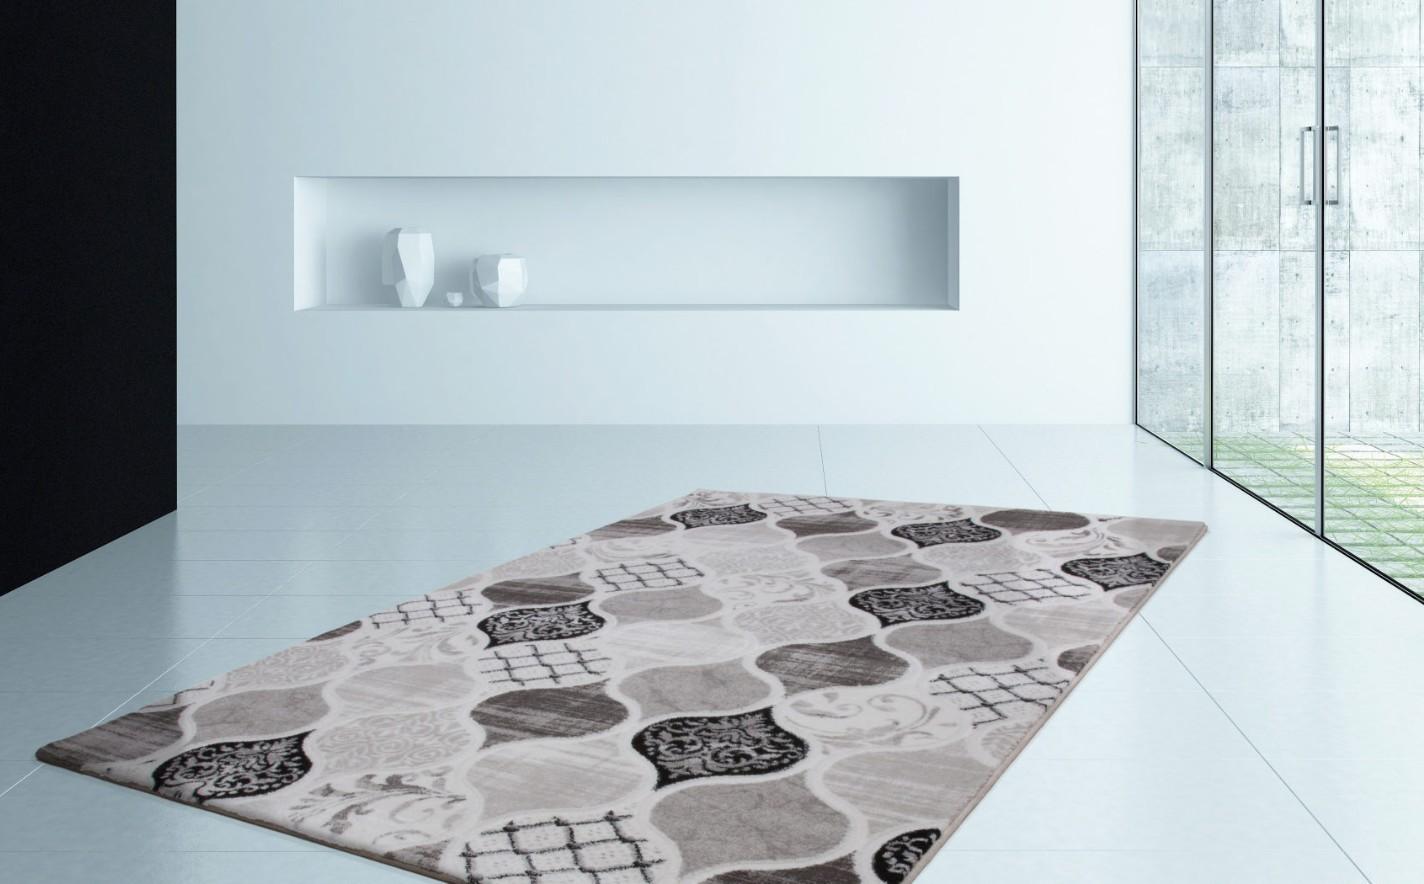 Carrelage beige salle de tags carrelage beige salle de bain tapis d veil m - Tapis gris clair pas cher ...